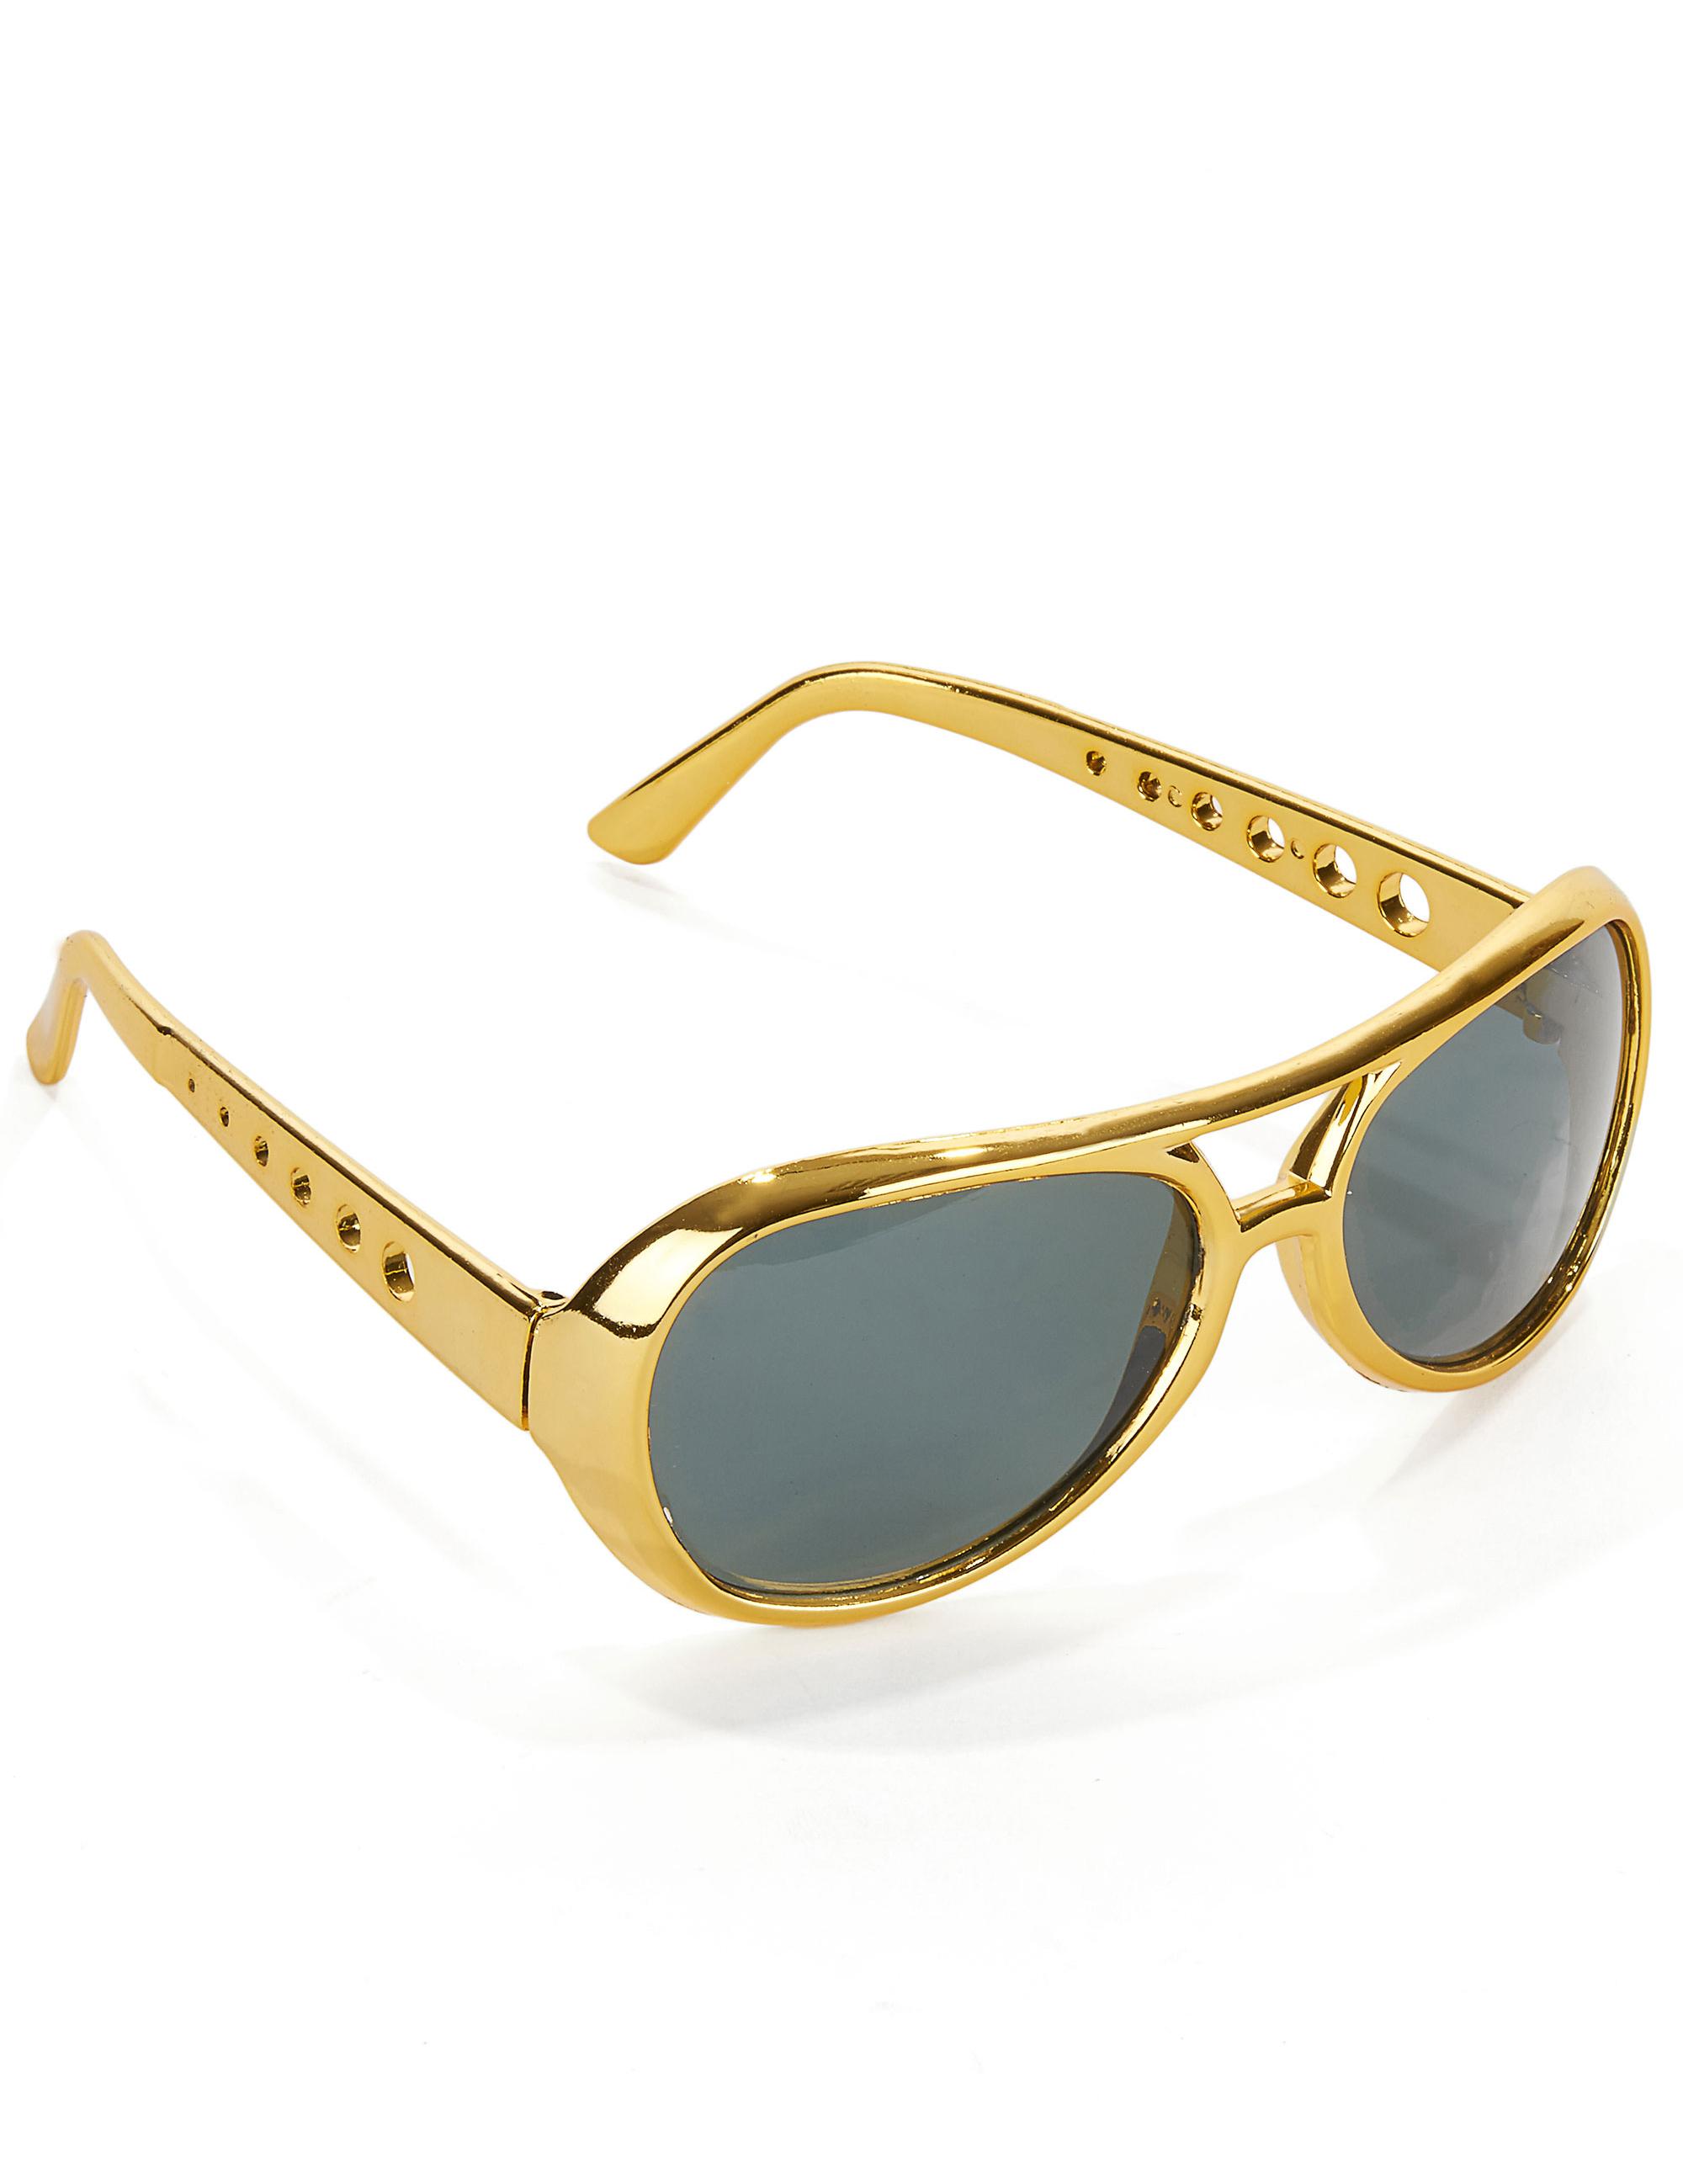 0961c10dfc32b Óculos Elvis™ dourados adulto  Acessórios,mascarilhas e fatos de ...